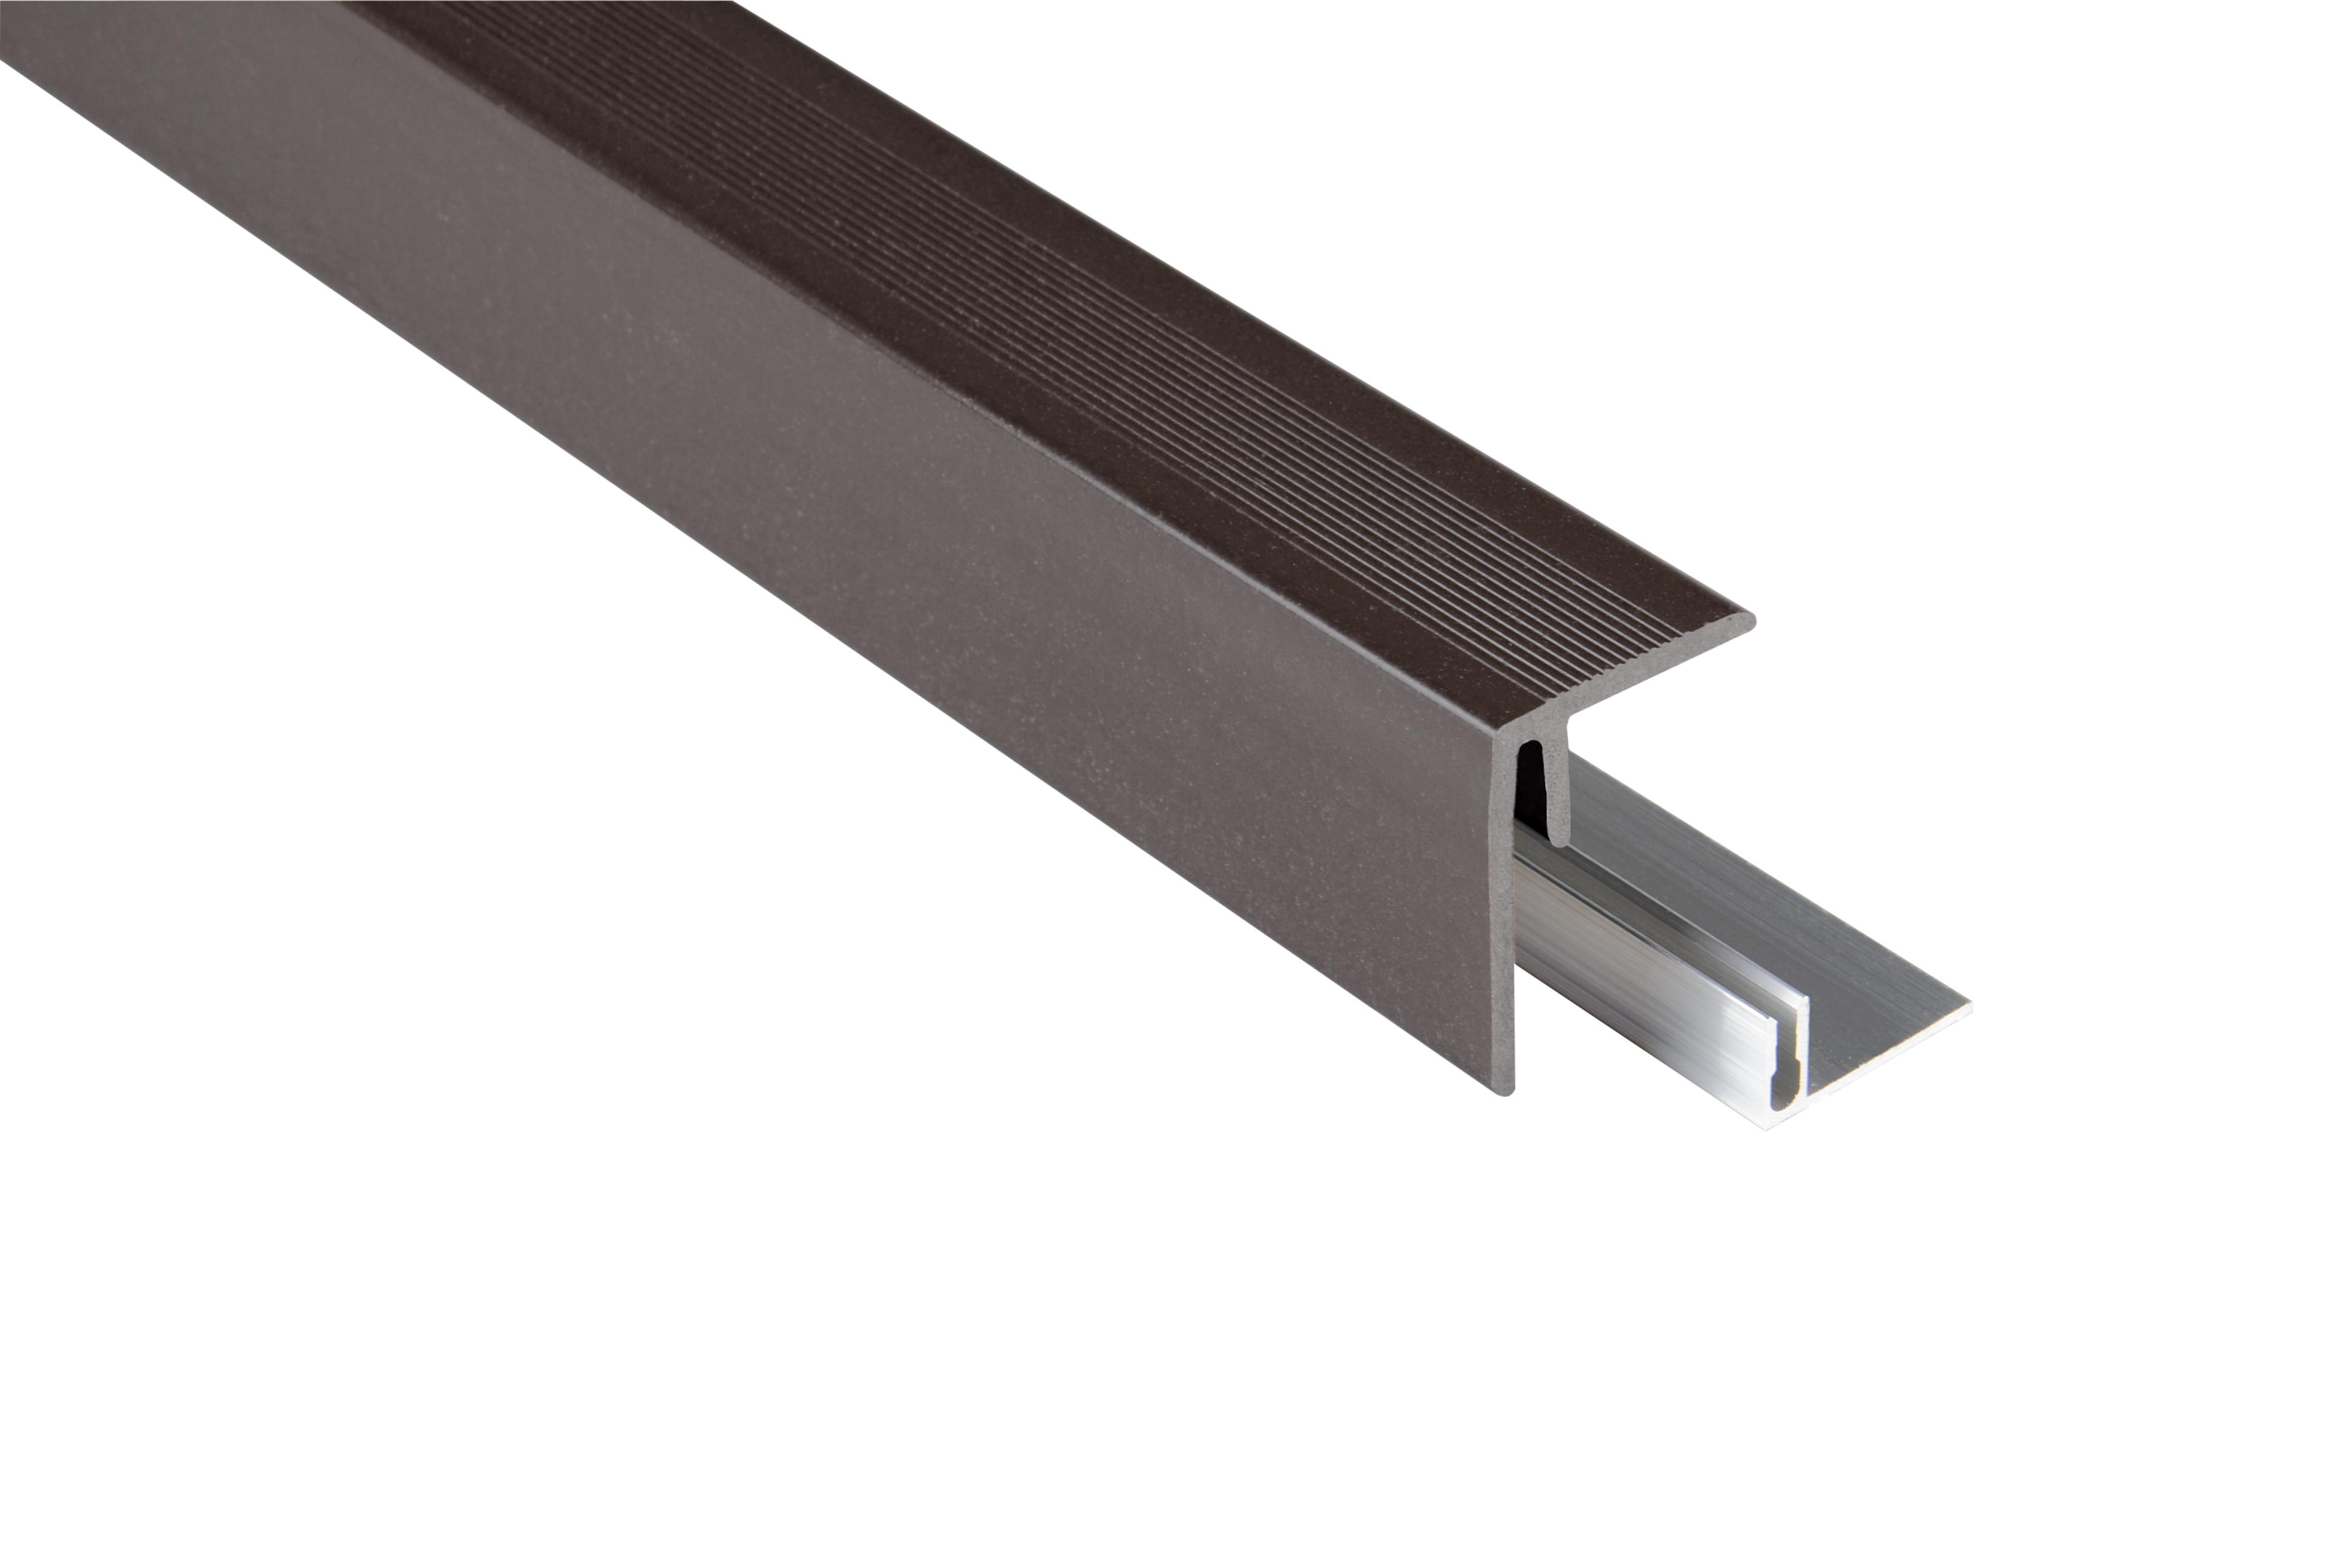 Kovalex WPC Seitenabschluss inkl. Befestigungsprofil - Farbe: Graubraun unbehandelt - Abmessung: 47x62x2.500 mm - Nur für Terrassendielen mit einer Stärke von 26 mm geeignet